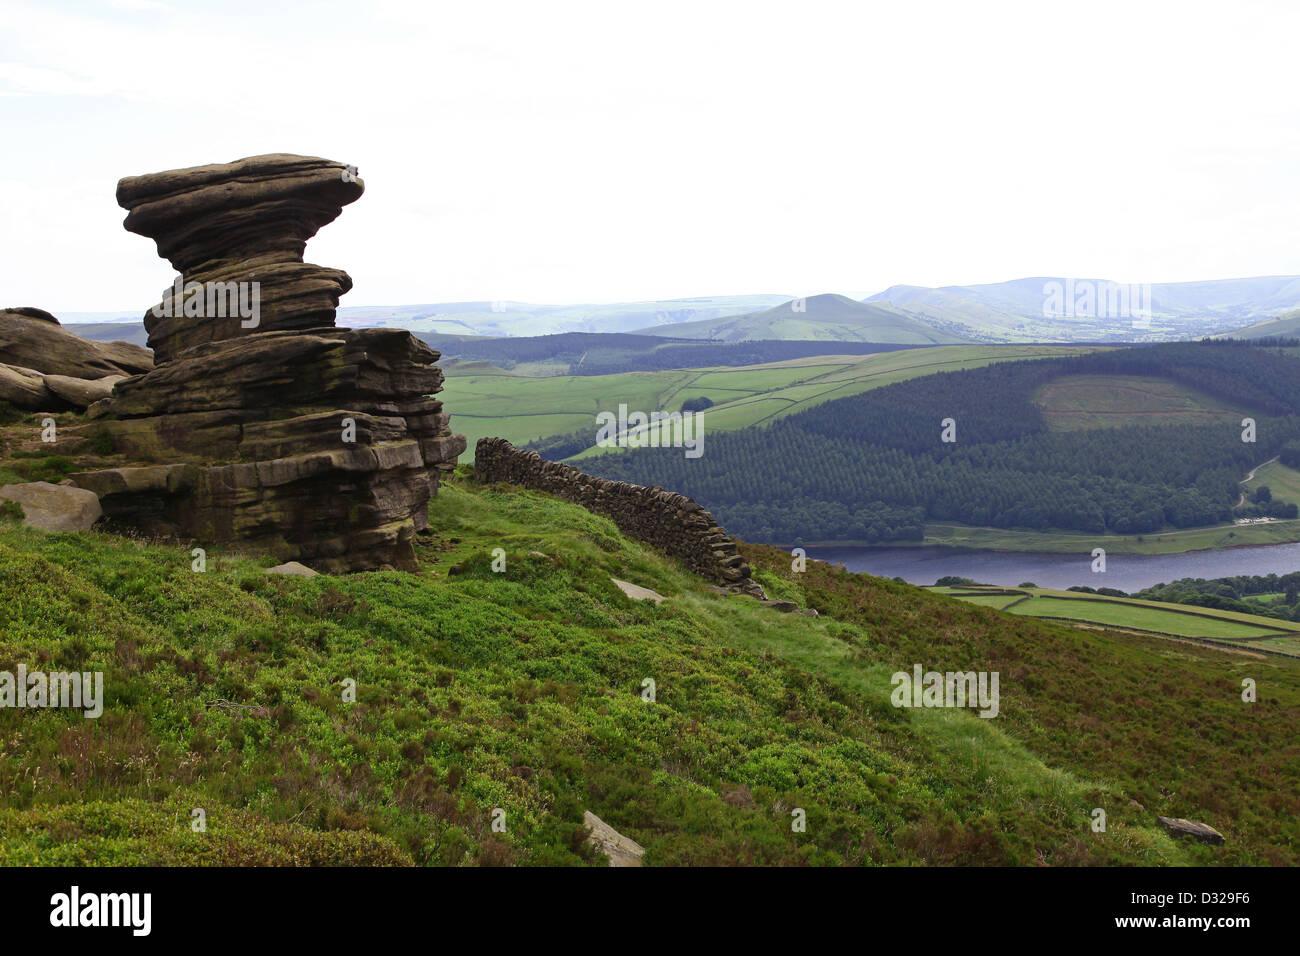 The Salt Cellar Weathered Sandstone rock shapes Derwent Edge Ladybower reservoir Peak District National Park Derbyshire - Stock Image